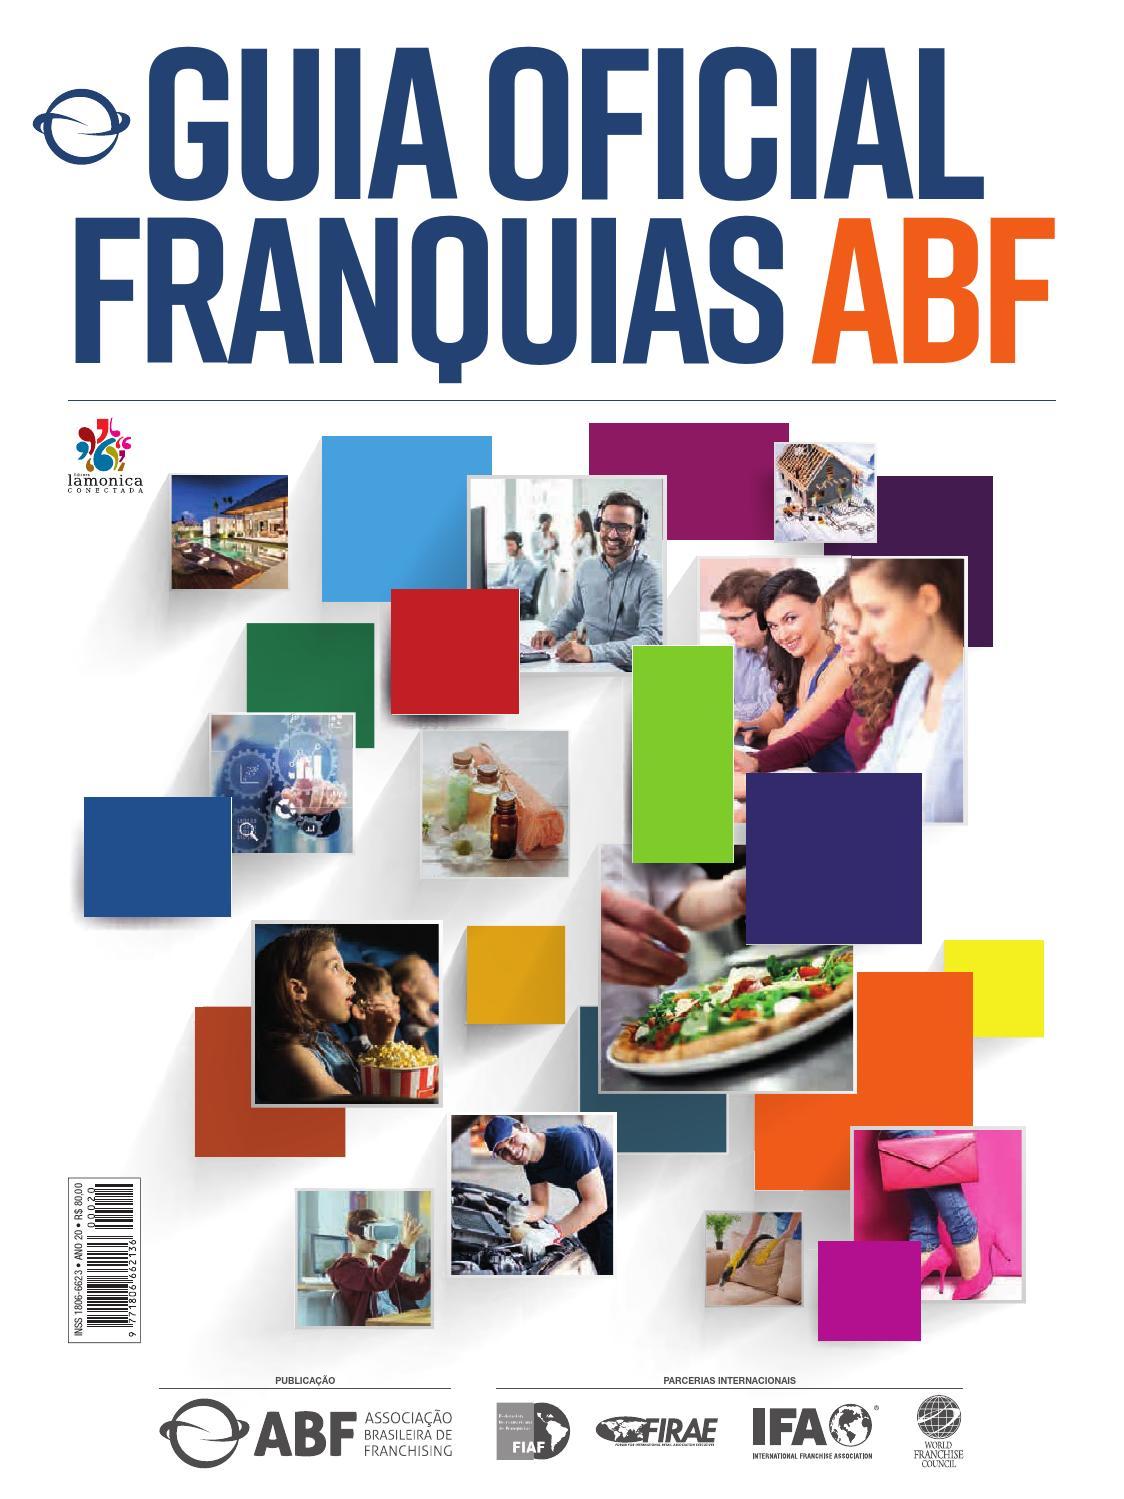 eb7fbf2e0 Guia Oficial de Franquias ABF 2018 by Editora Lamonica Conectada - issuu